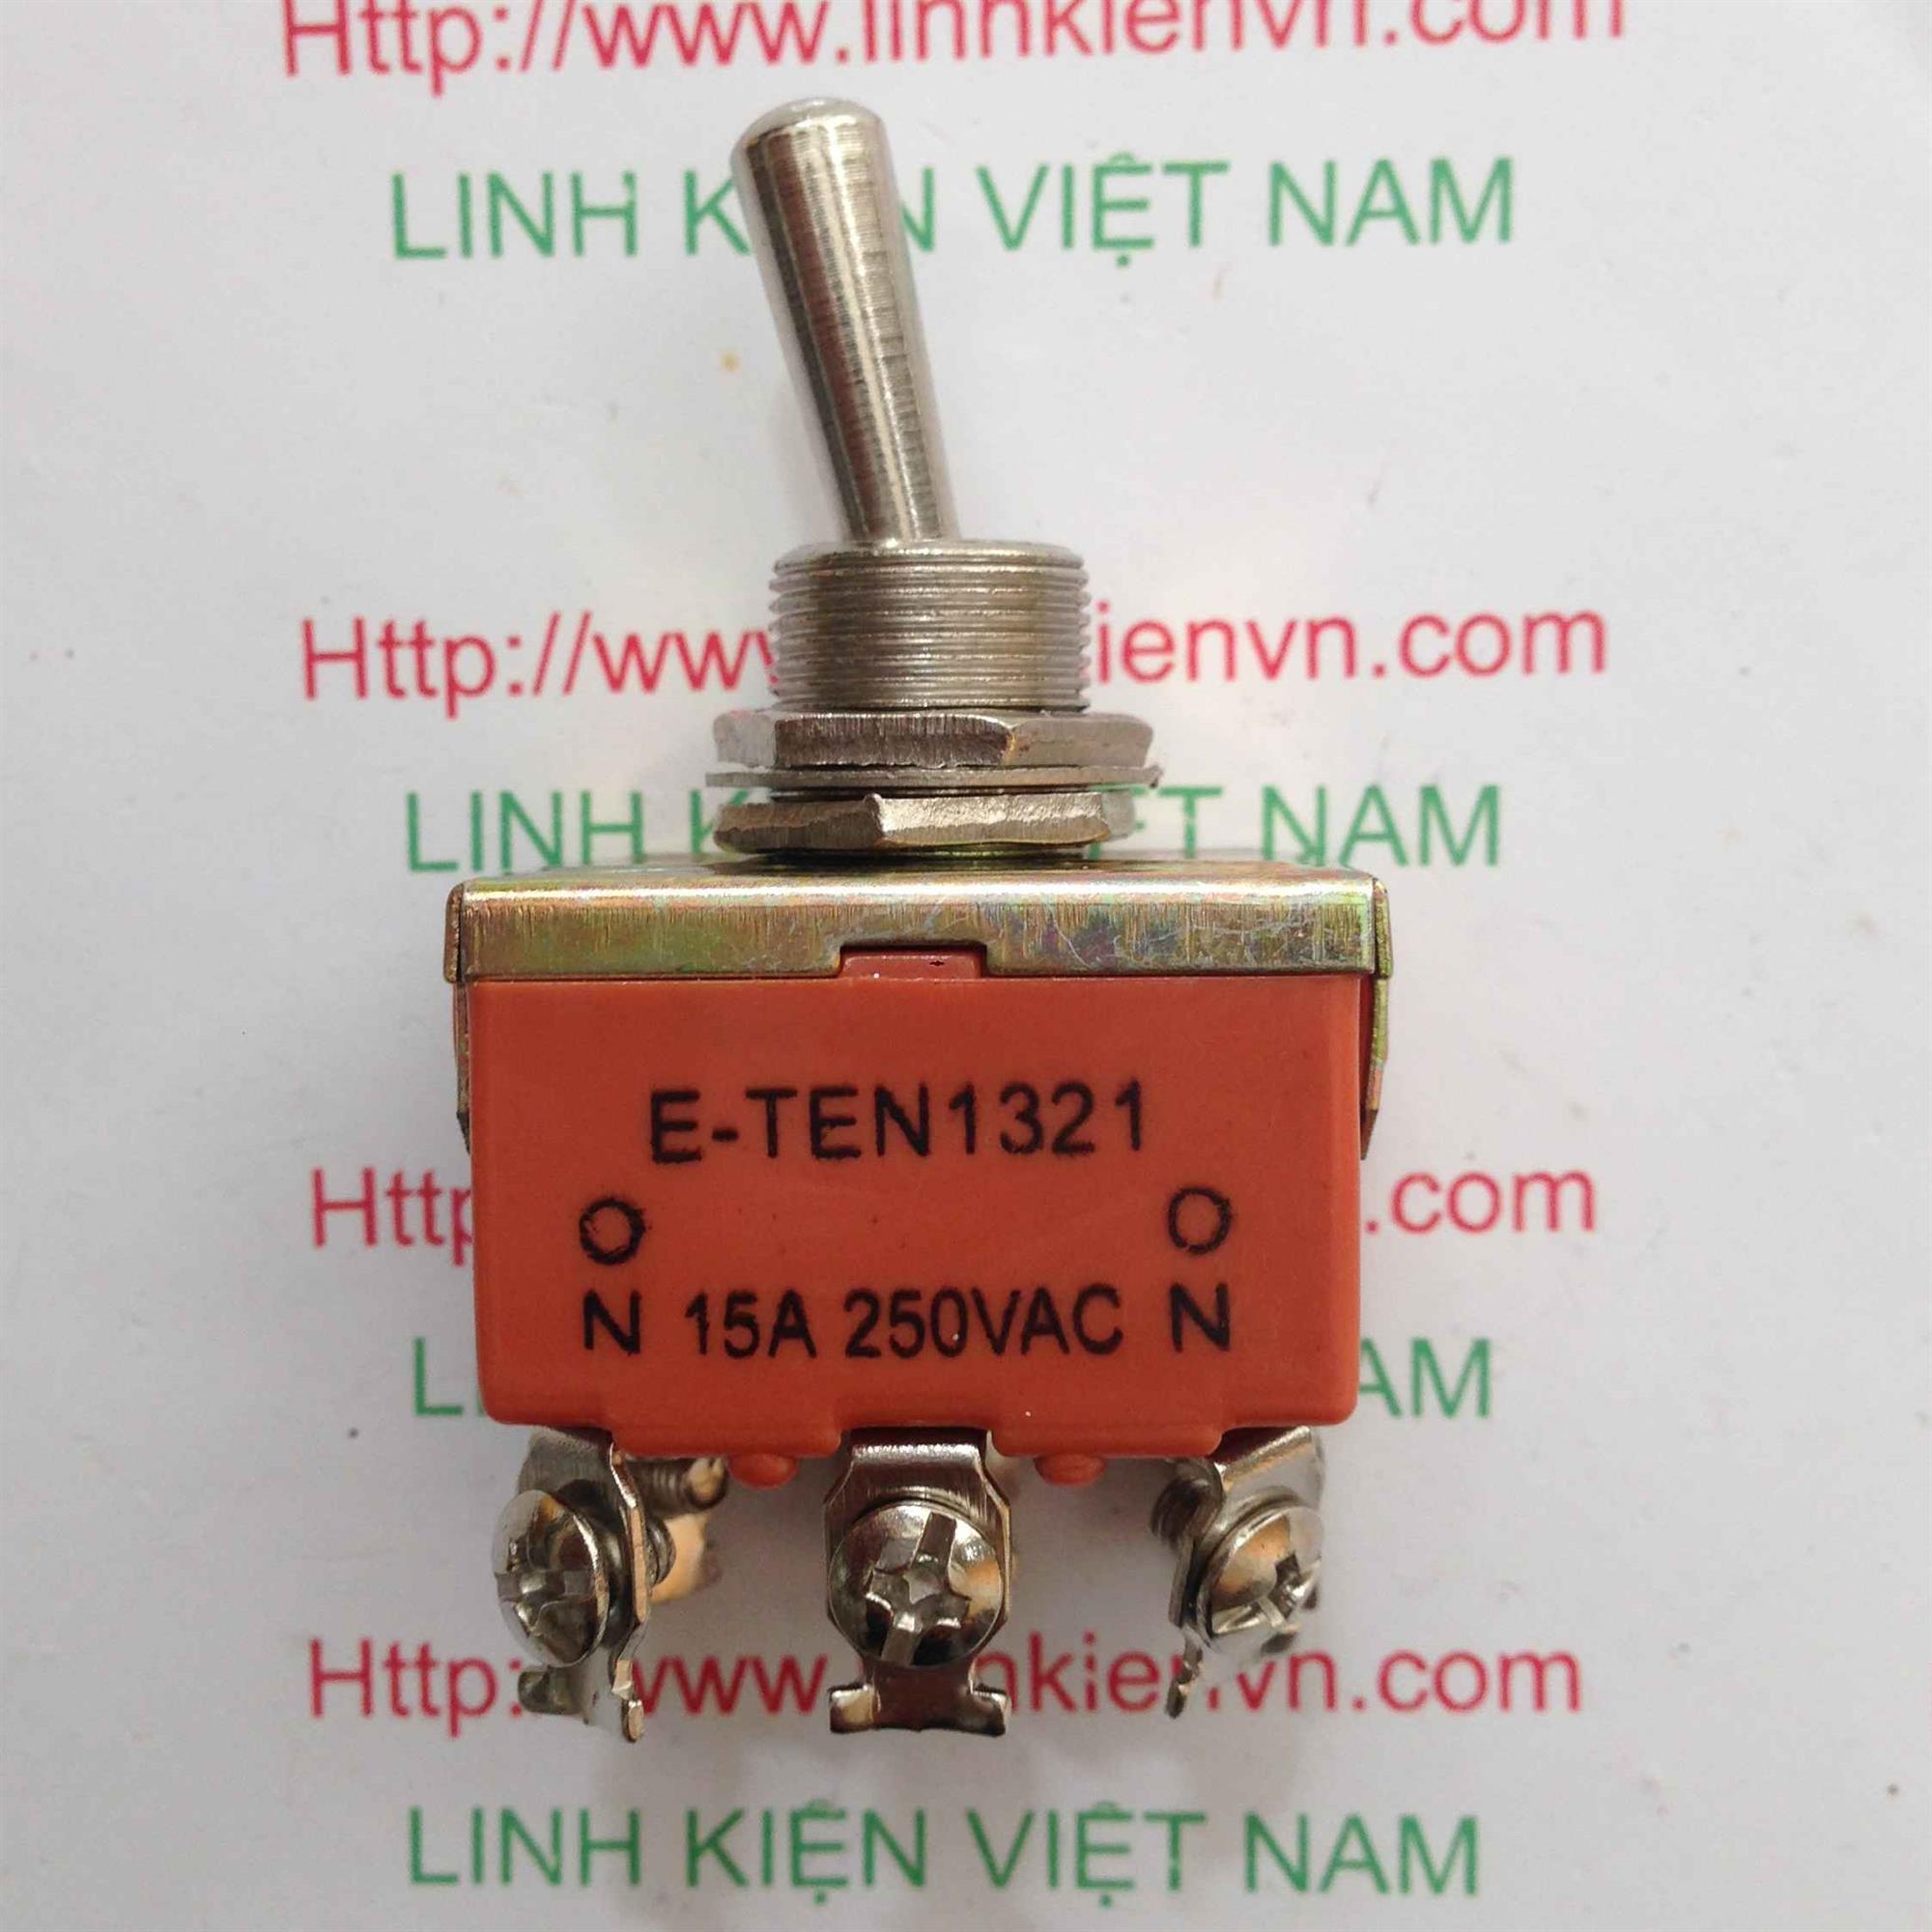 Công tắc E-TEN1321 15A/250VAC - 2 trạng thái - D3H12